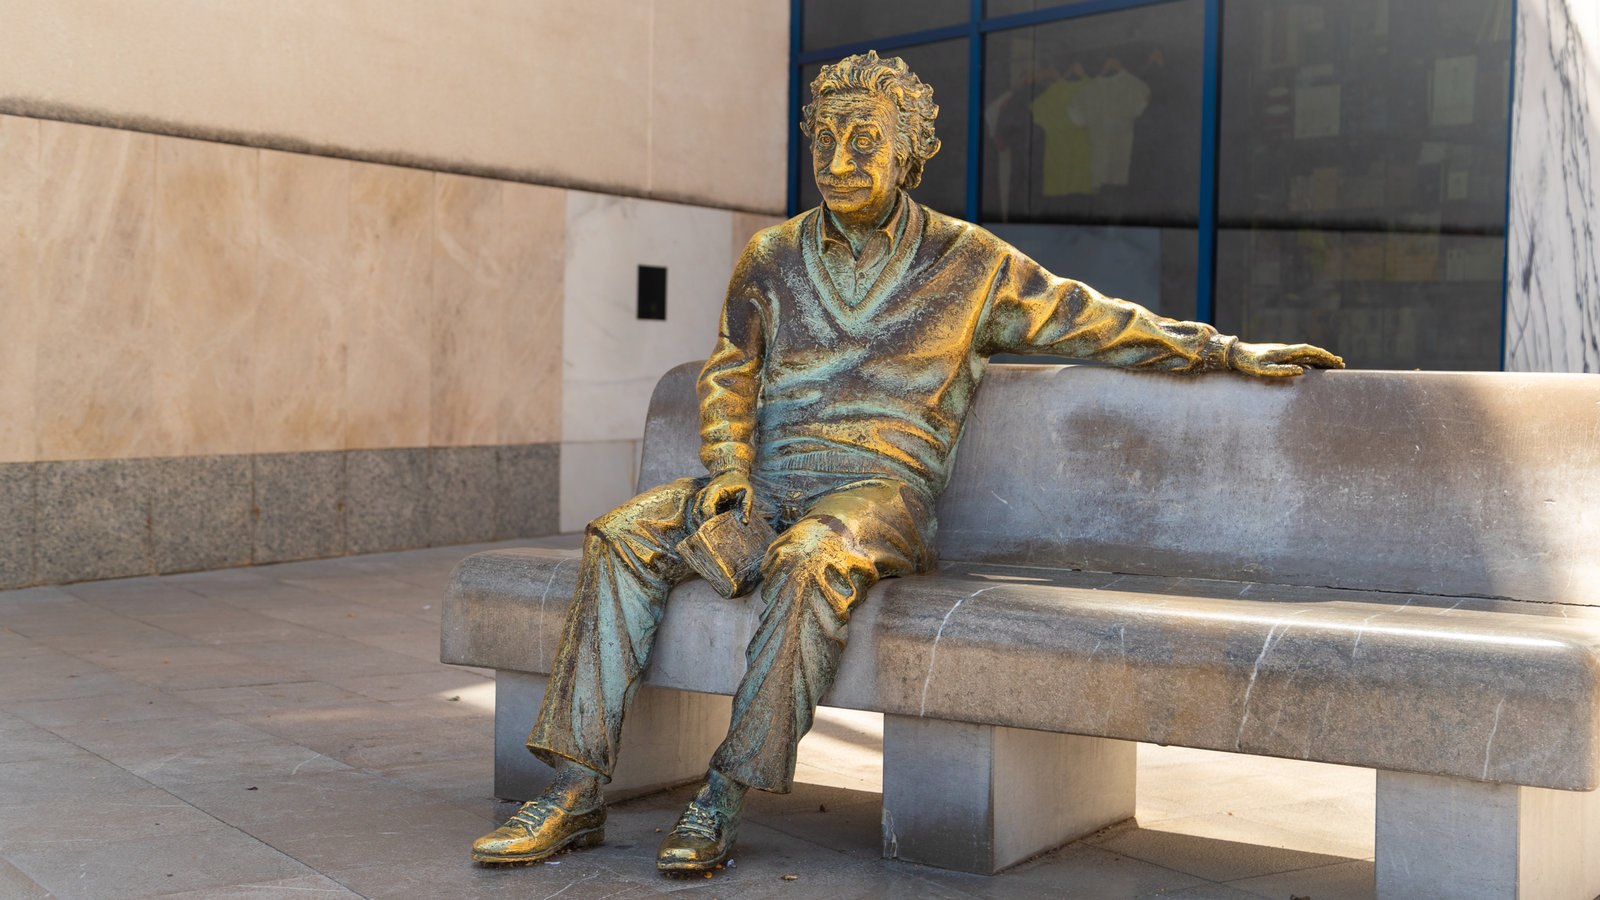 Parque de la ciencia que incluye una estatua o escultura y arte al aire libre